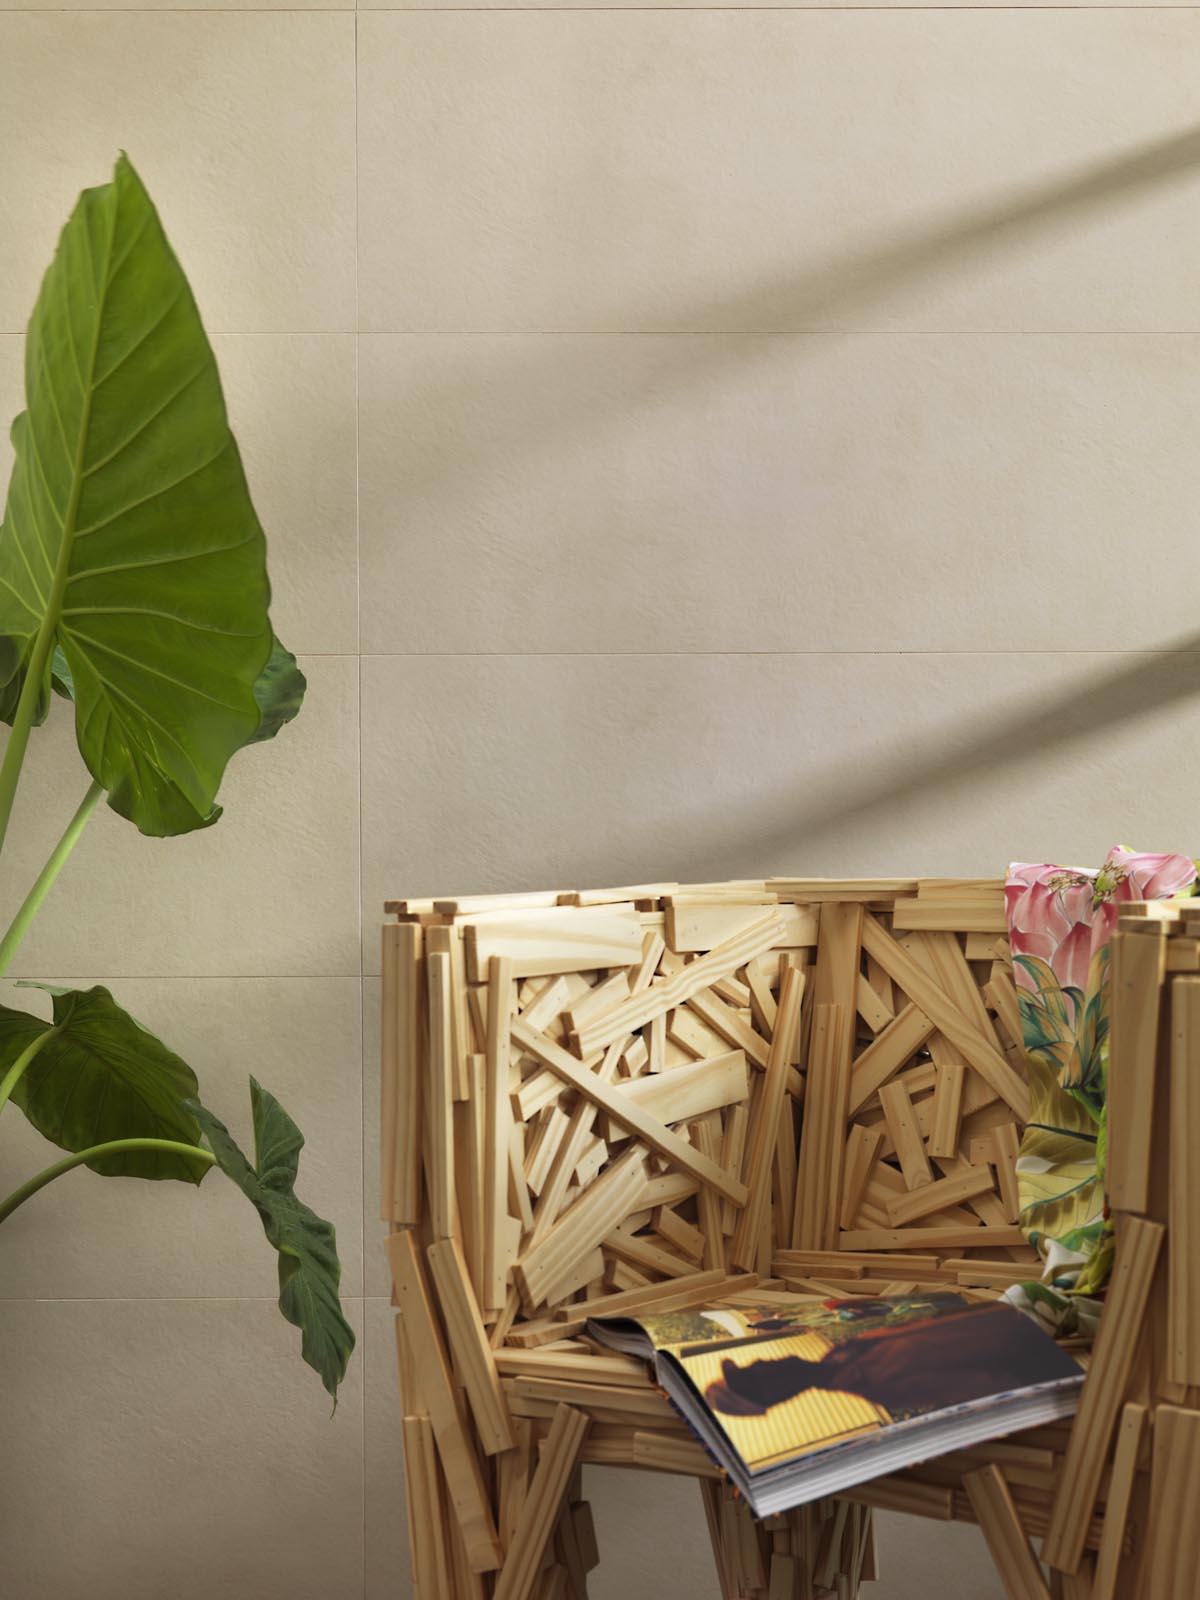 unterzug wohnzimmer:fliesen wohnzimmer beige : Beige, sandgelb, nussbraun, havanna Fliesen